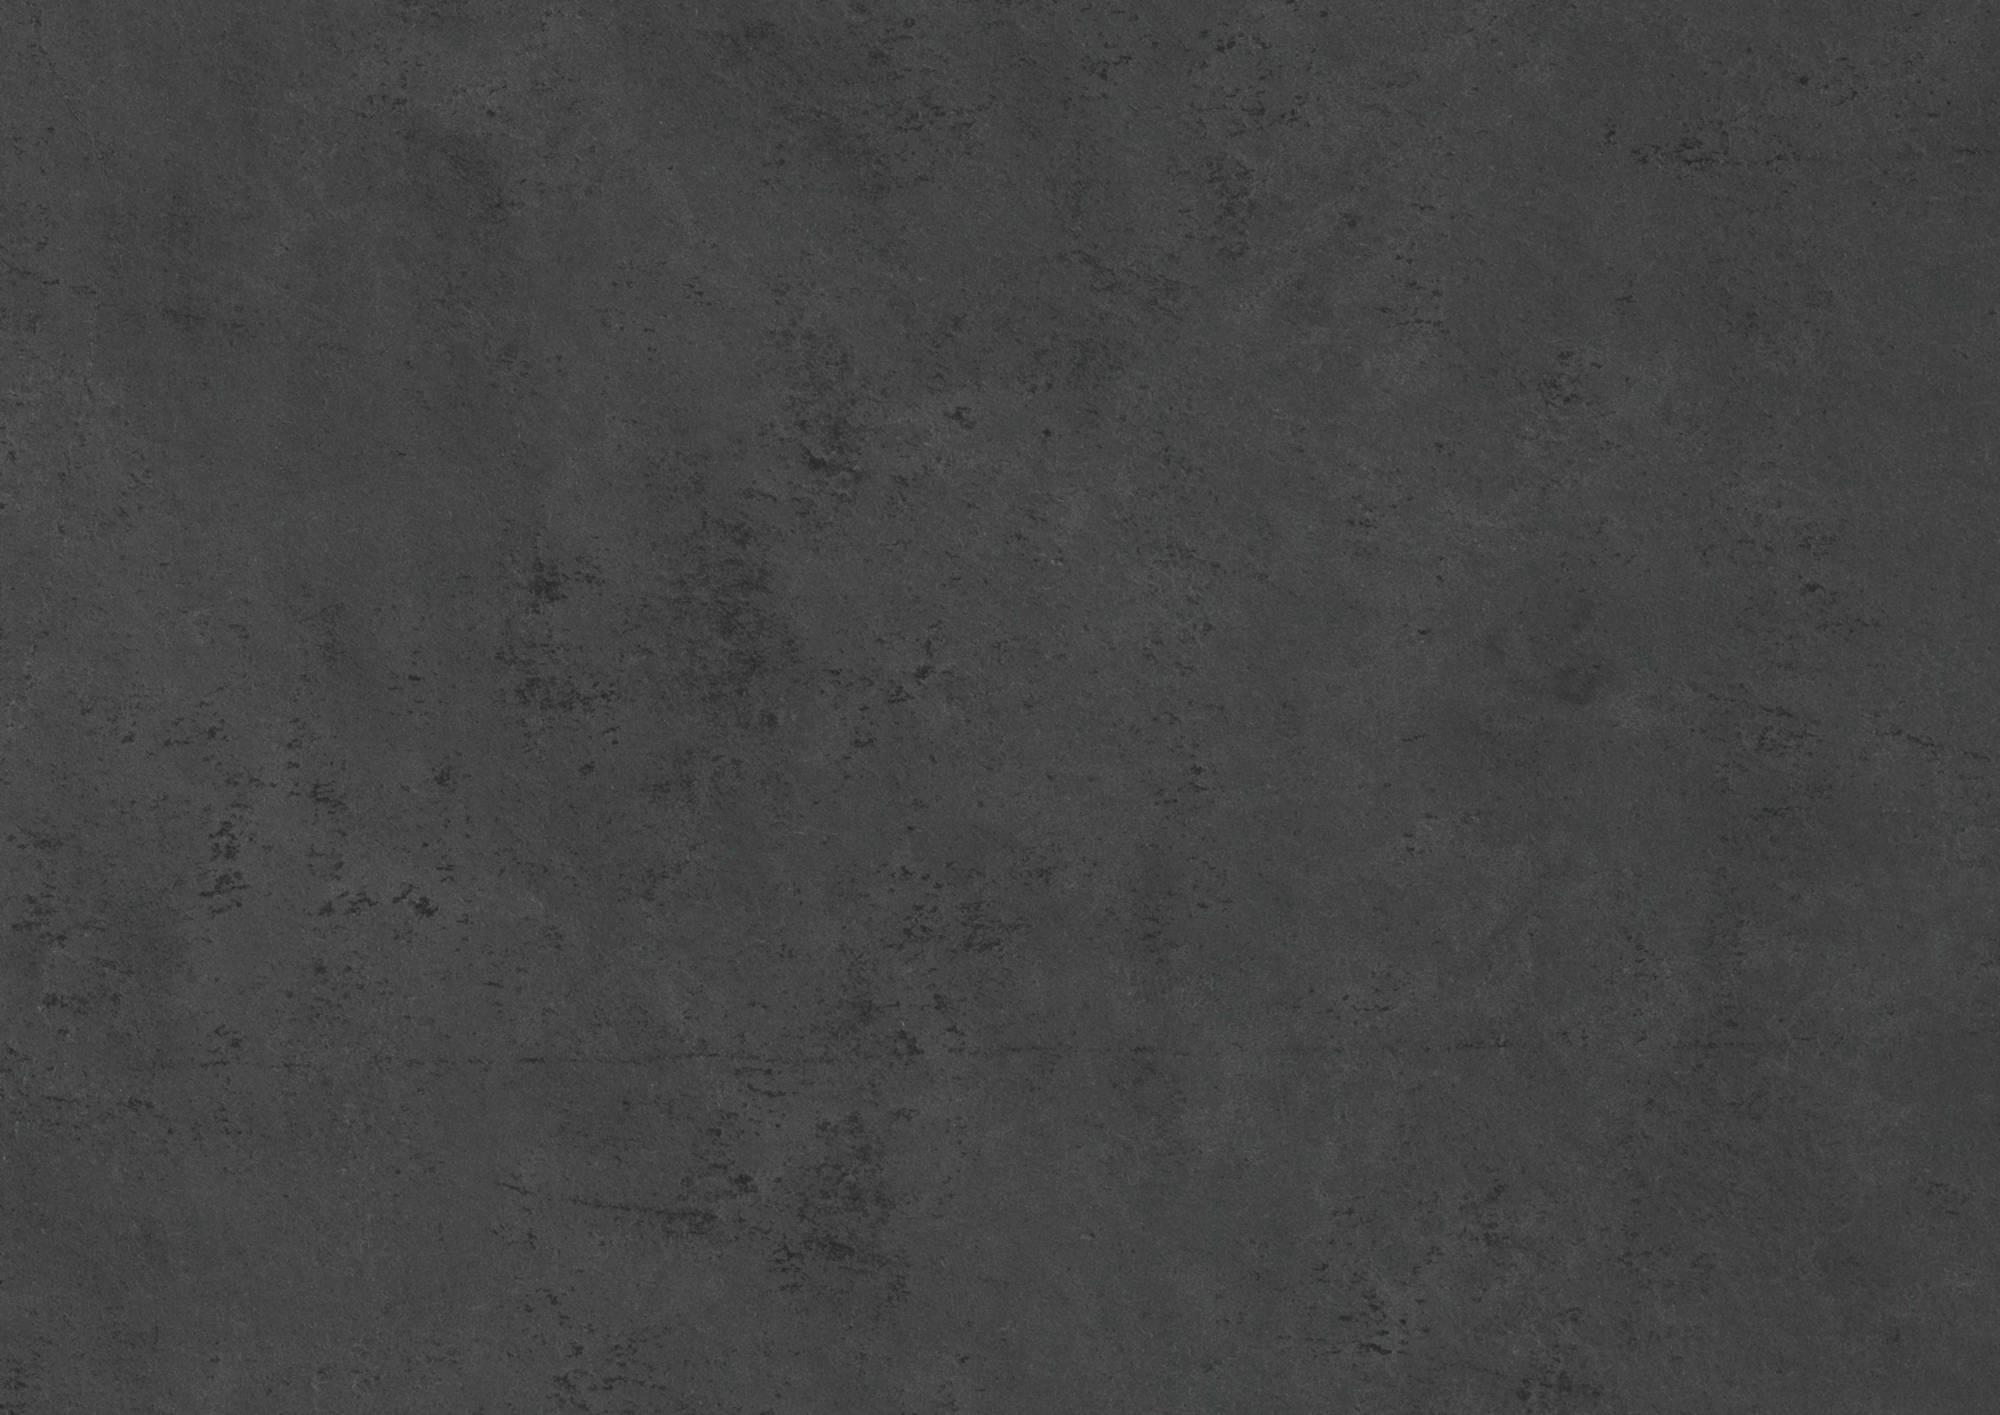 Duschprofi RenoDeco paneel Alu 100x255 cm natuursteen grafietgrijs hoogglans